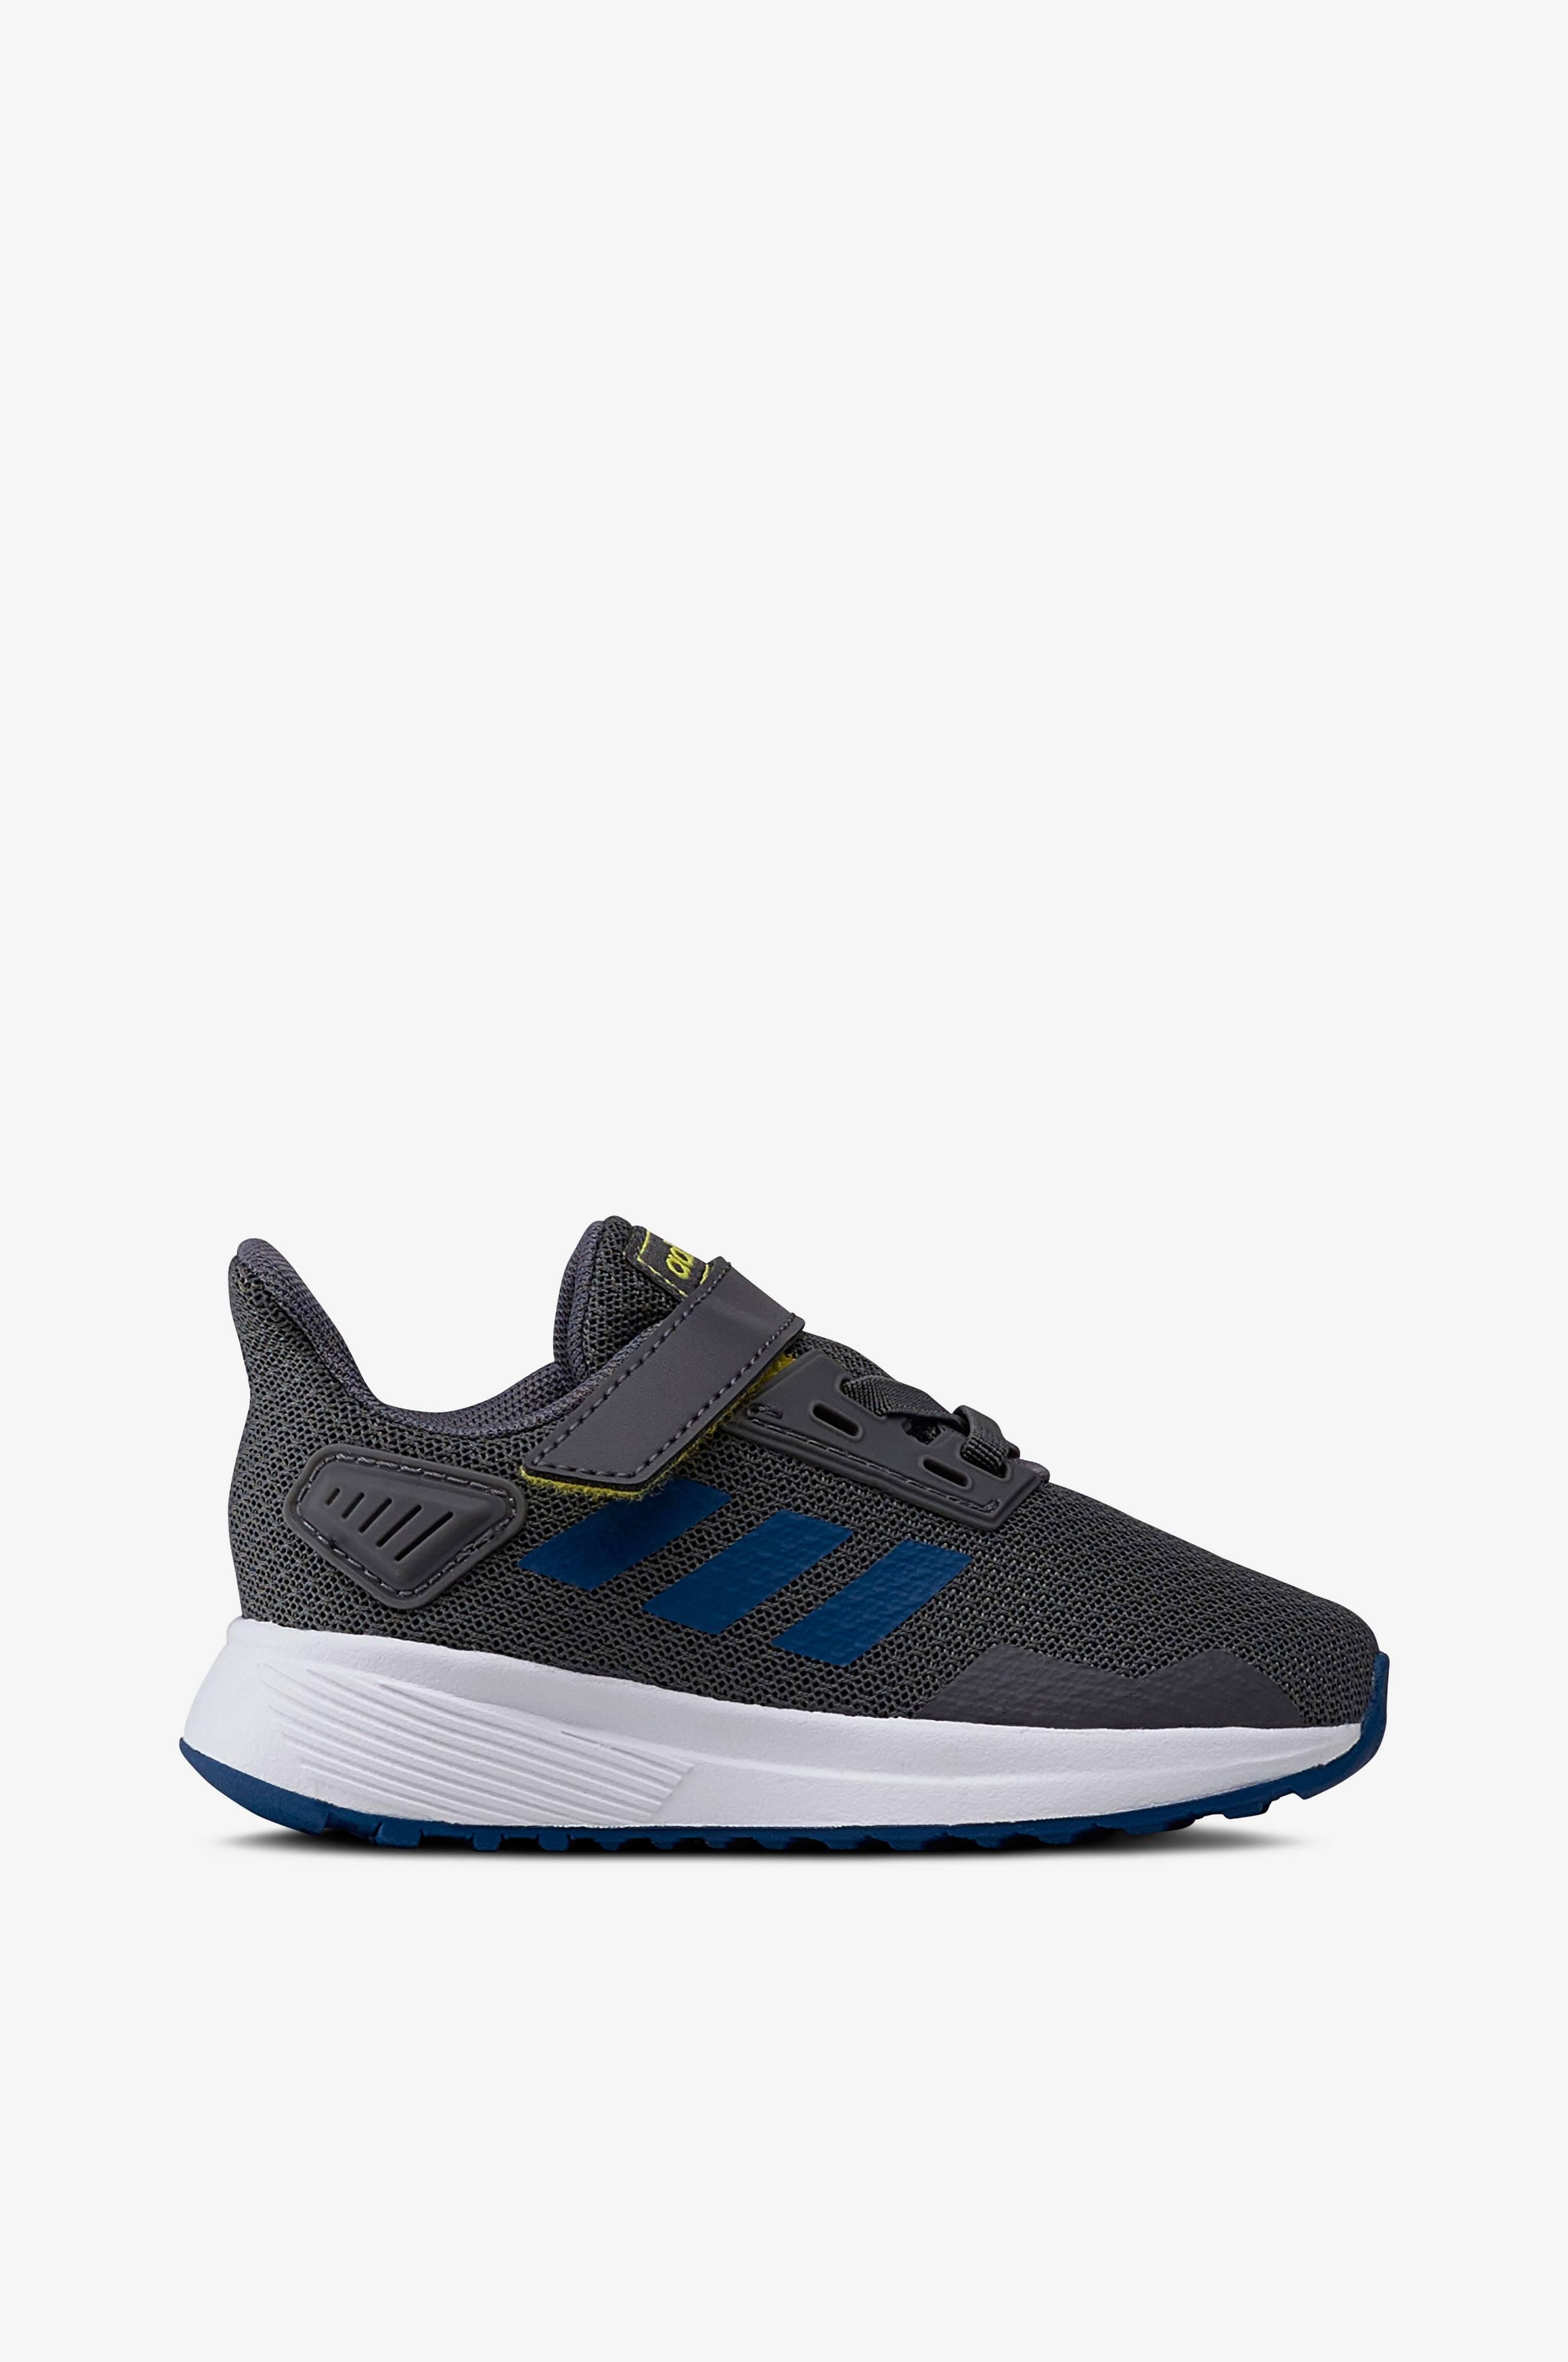 adidas sko størrelsesguide, adidas Performance DURAMO